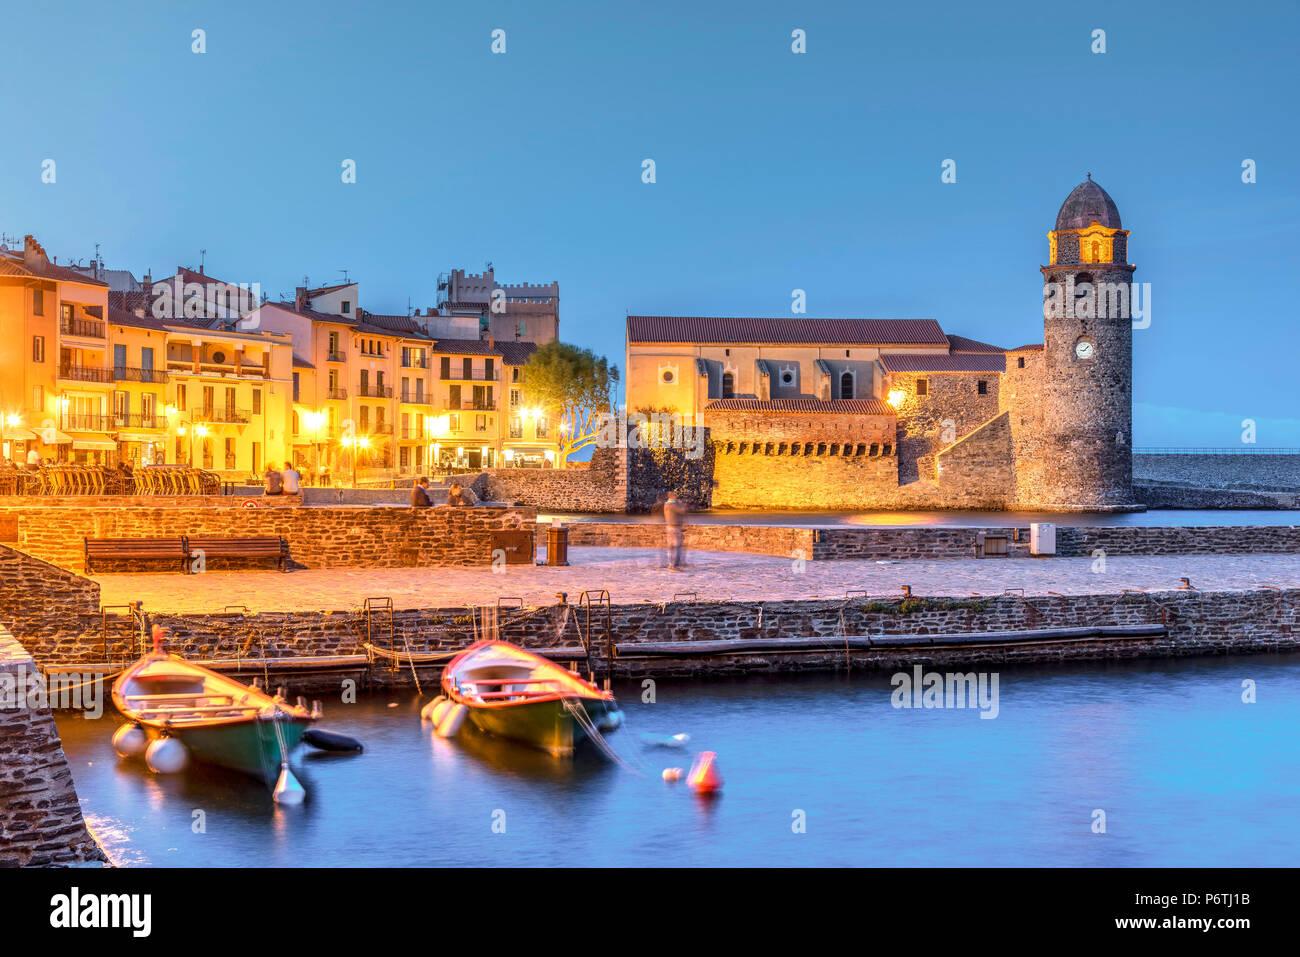 Vista de noche de Collioure, Pirineos Orientales, Francia Imagen De Stock